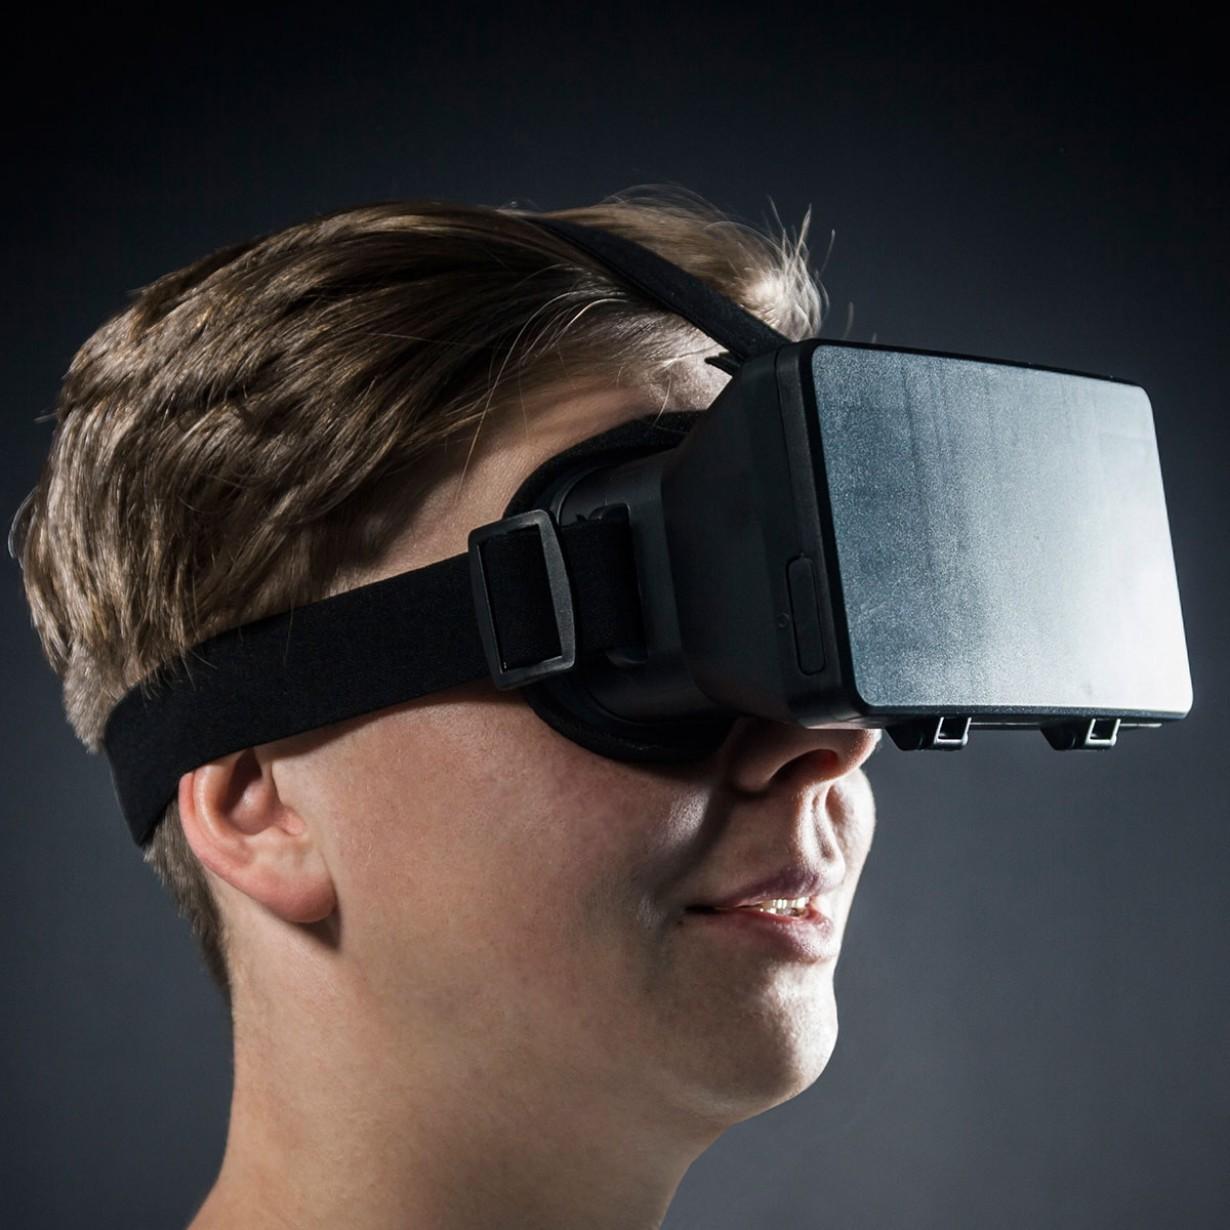 visore realta virtuale per smartphone addosso